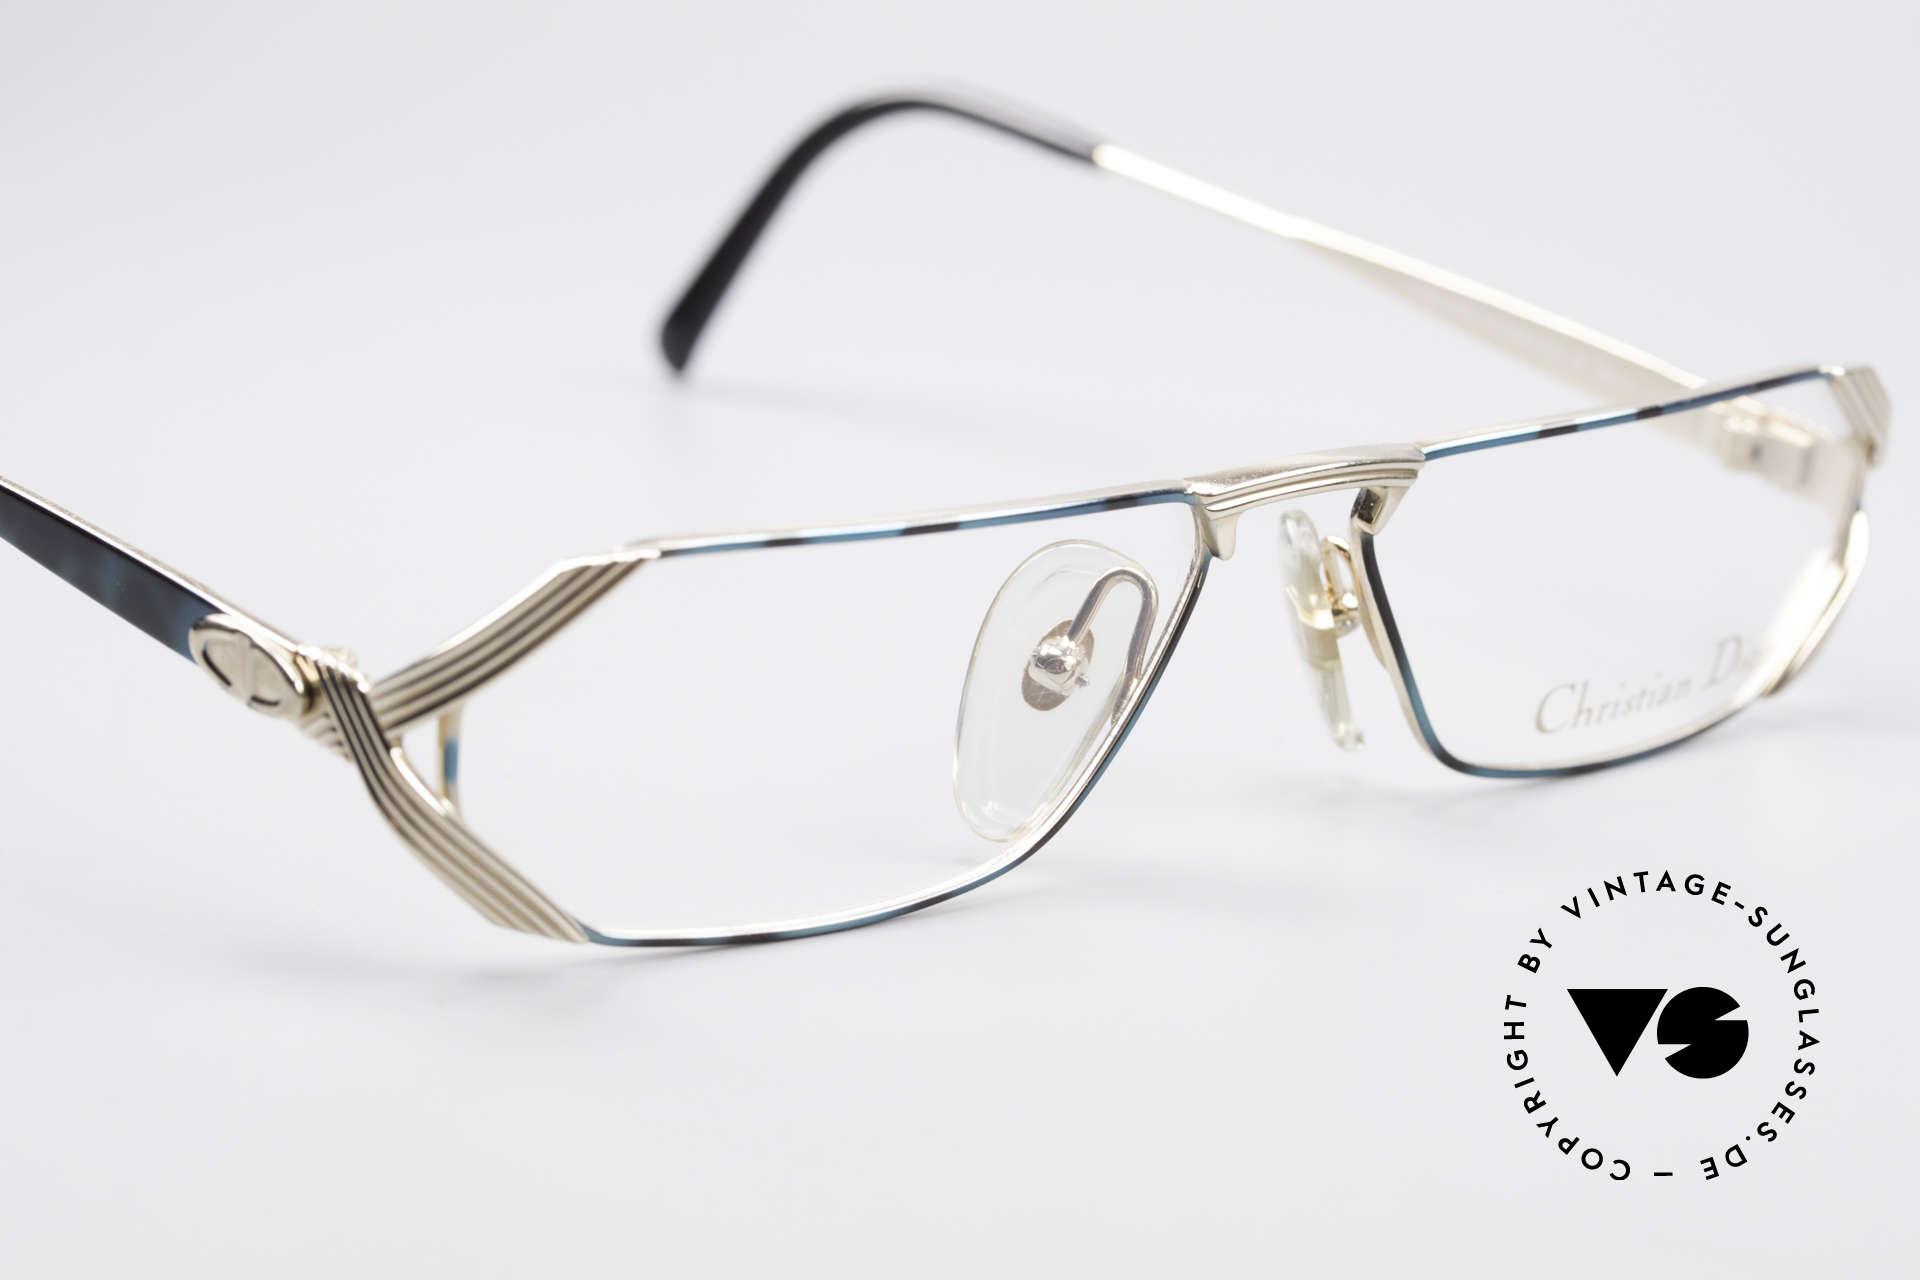 Christian Dior 2617 Vintage Reading Glasses, unworn (like all our vintage Christian Dior eyewear), Made for Men